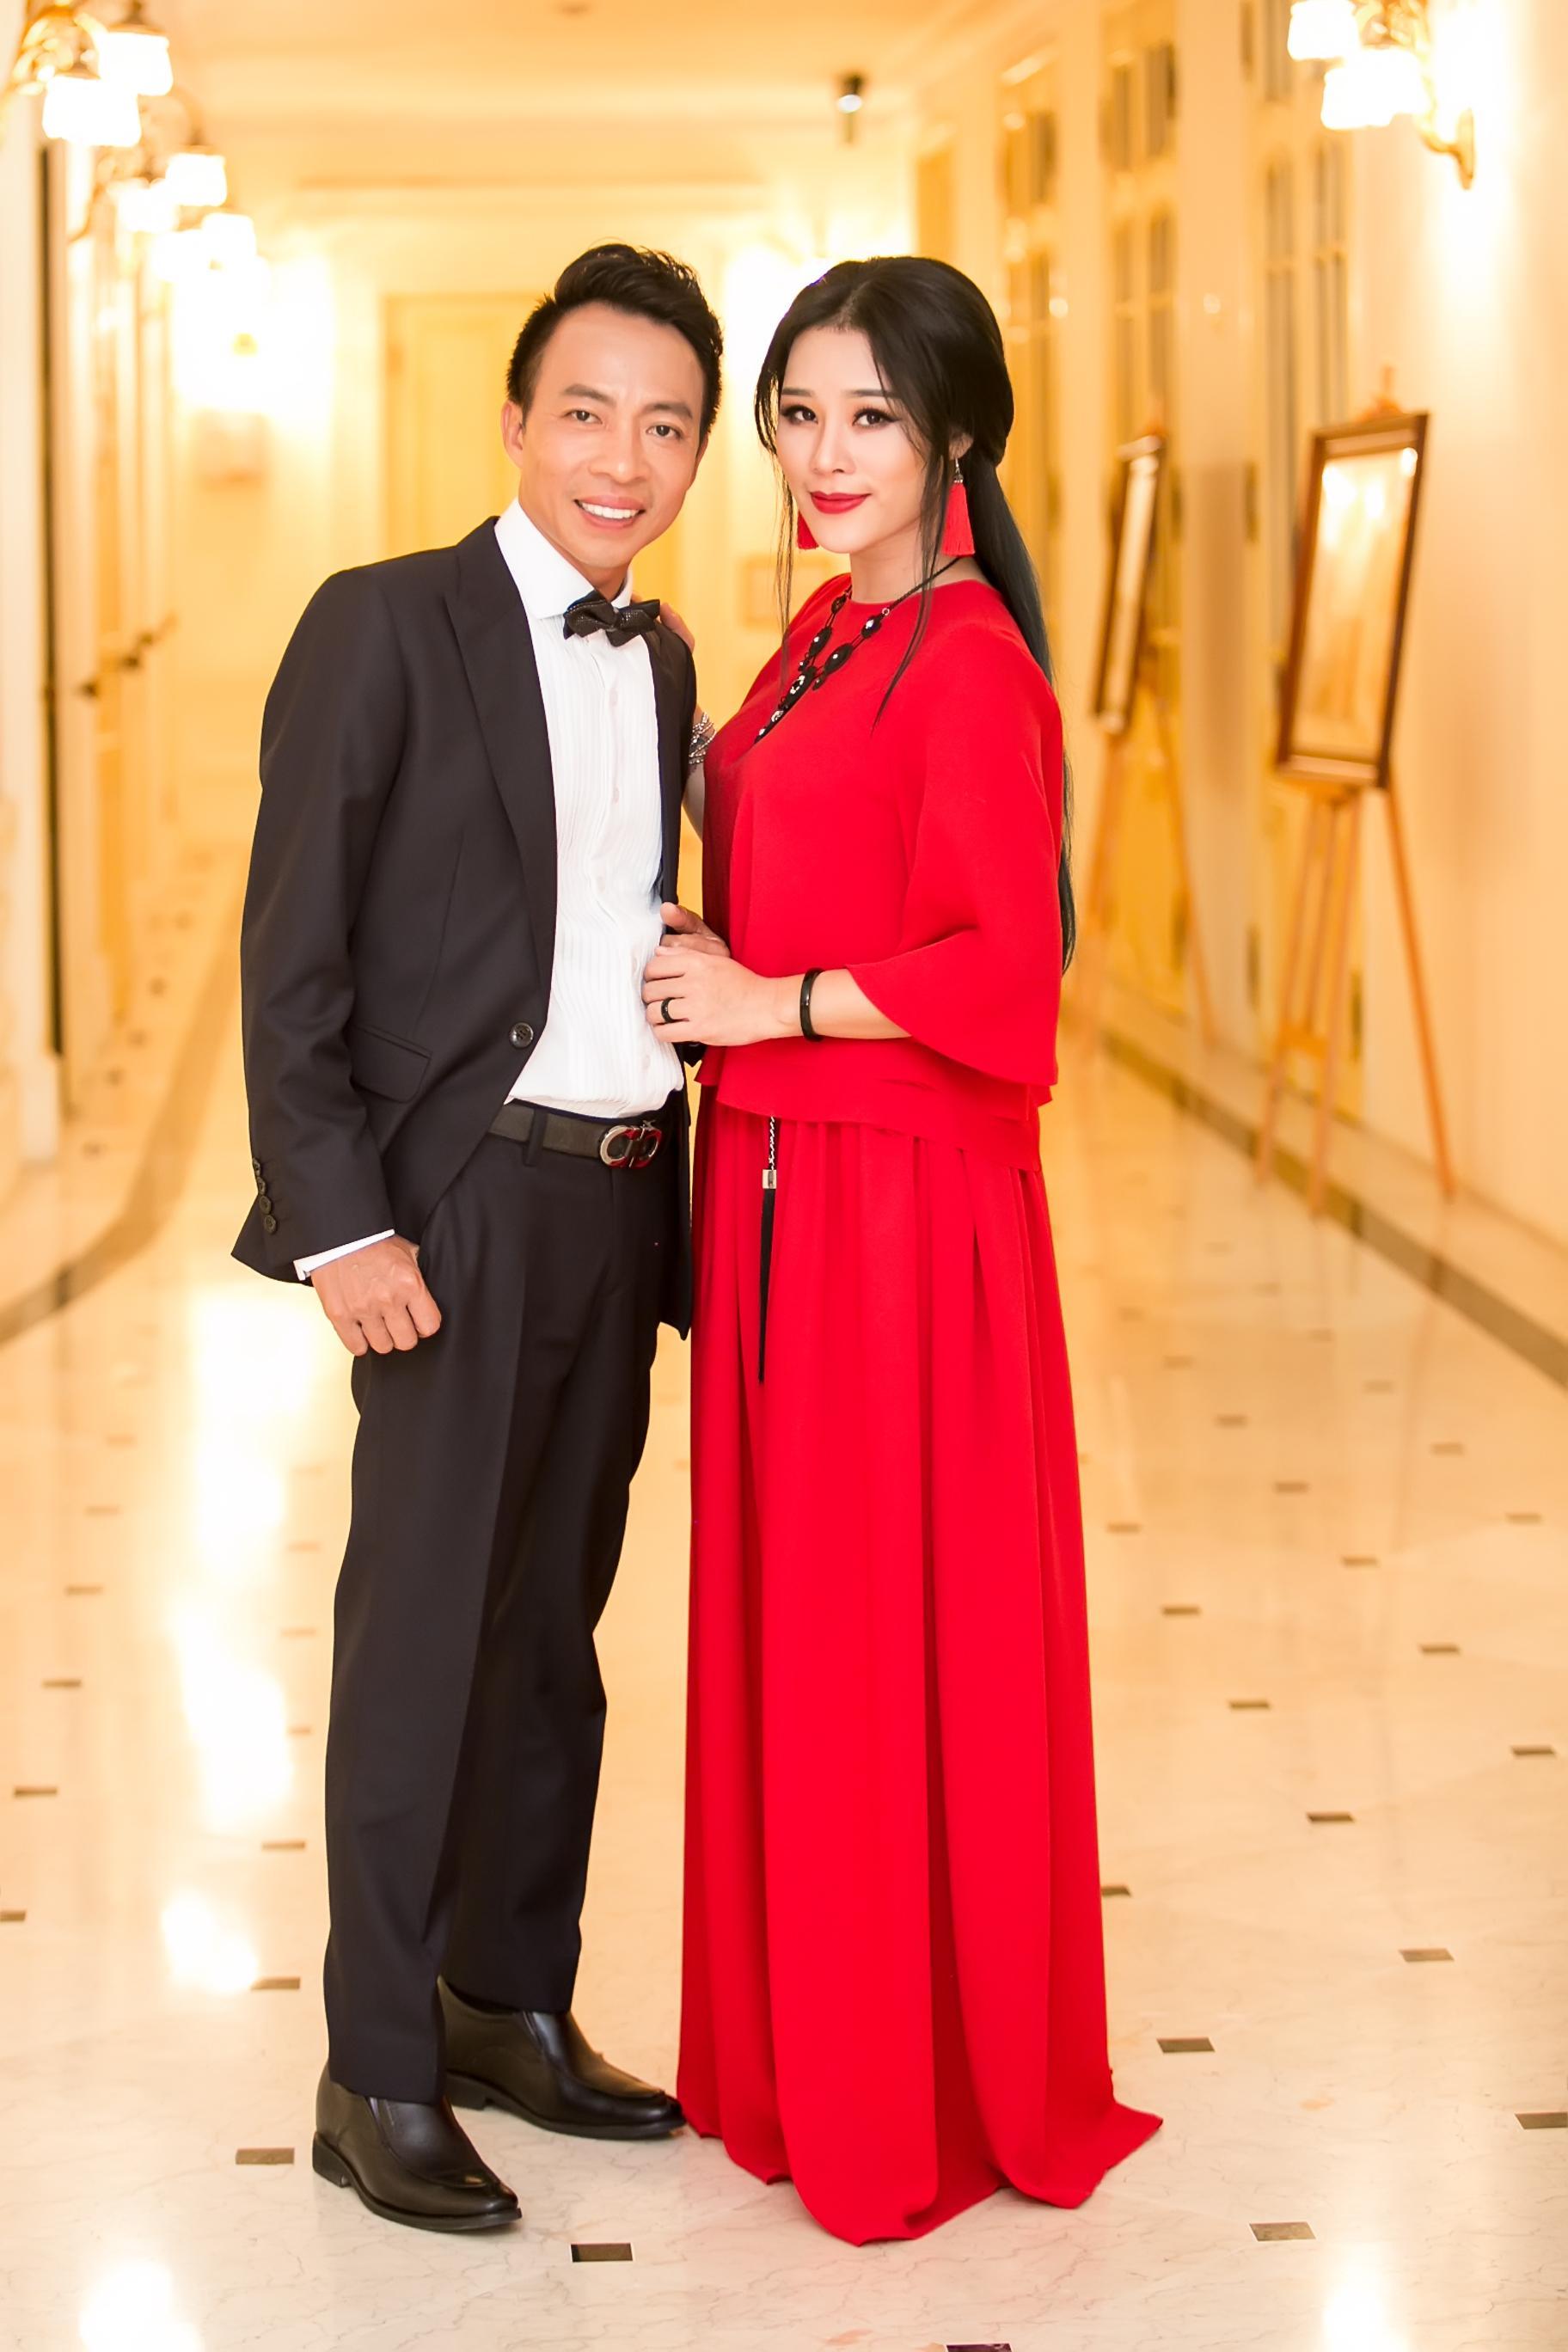 Vợ kém 18 tuổi của ca sĩ Việt Hoàn từng vỡ mộng đòi ly dị chồng Ảnh 1